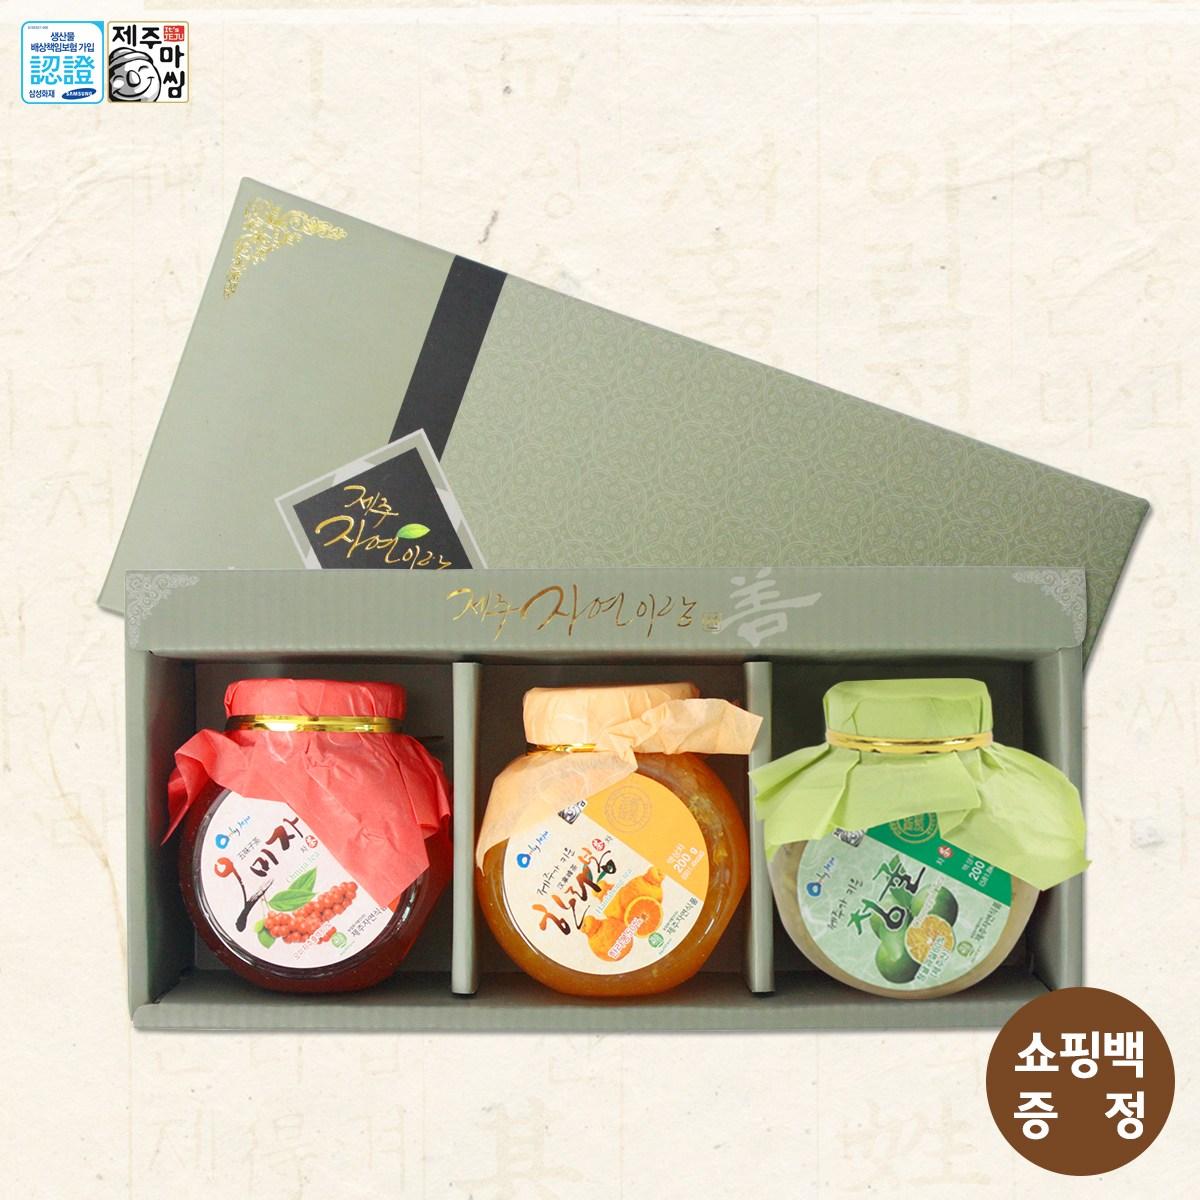 오렌지나무 제주도 꼬마3종세트+쇼핑백 차 티 추석 설날 명절 선물세트, 1개, 꼬마3종세트, 1개